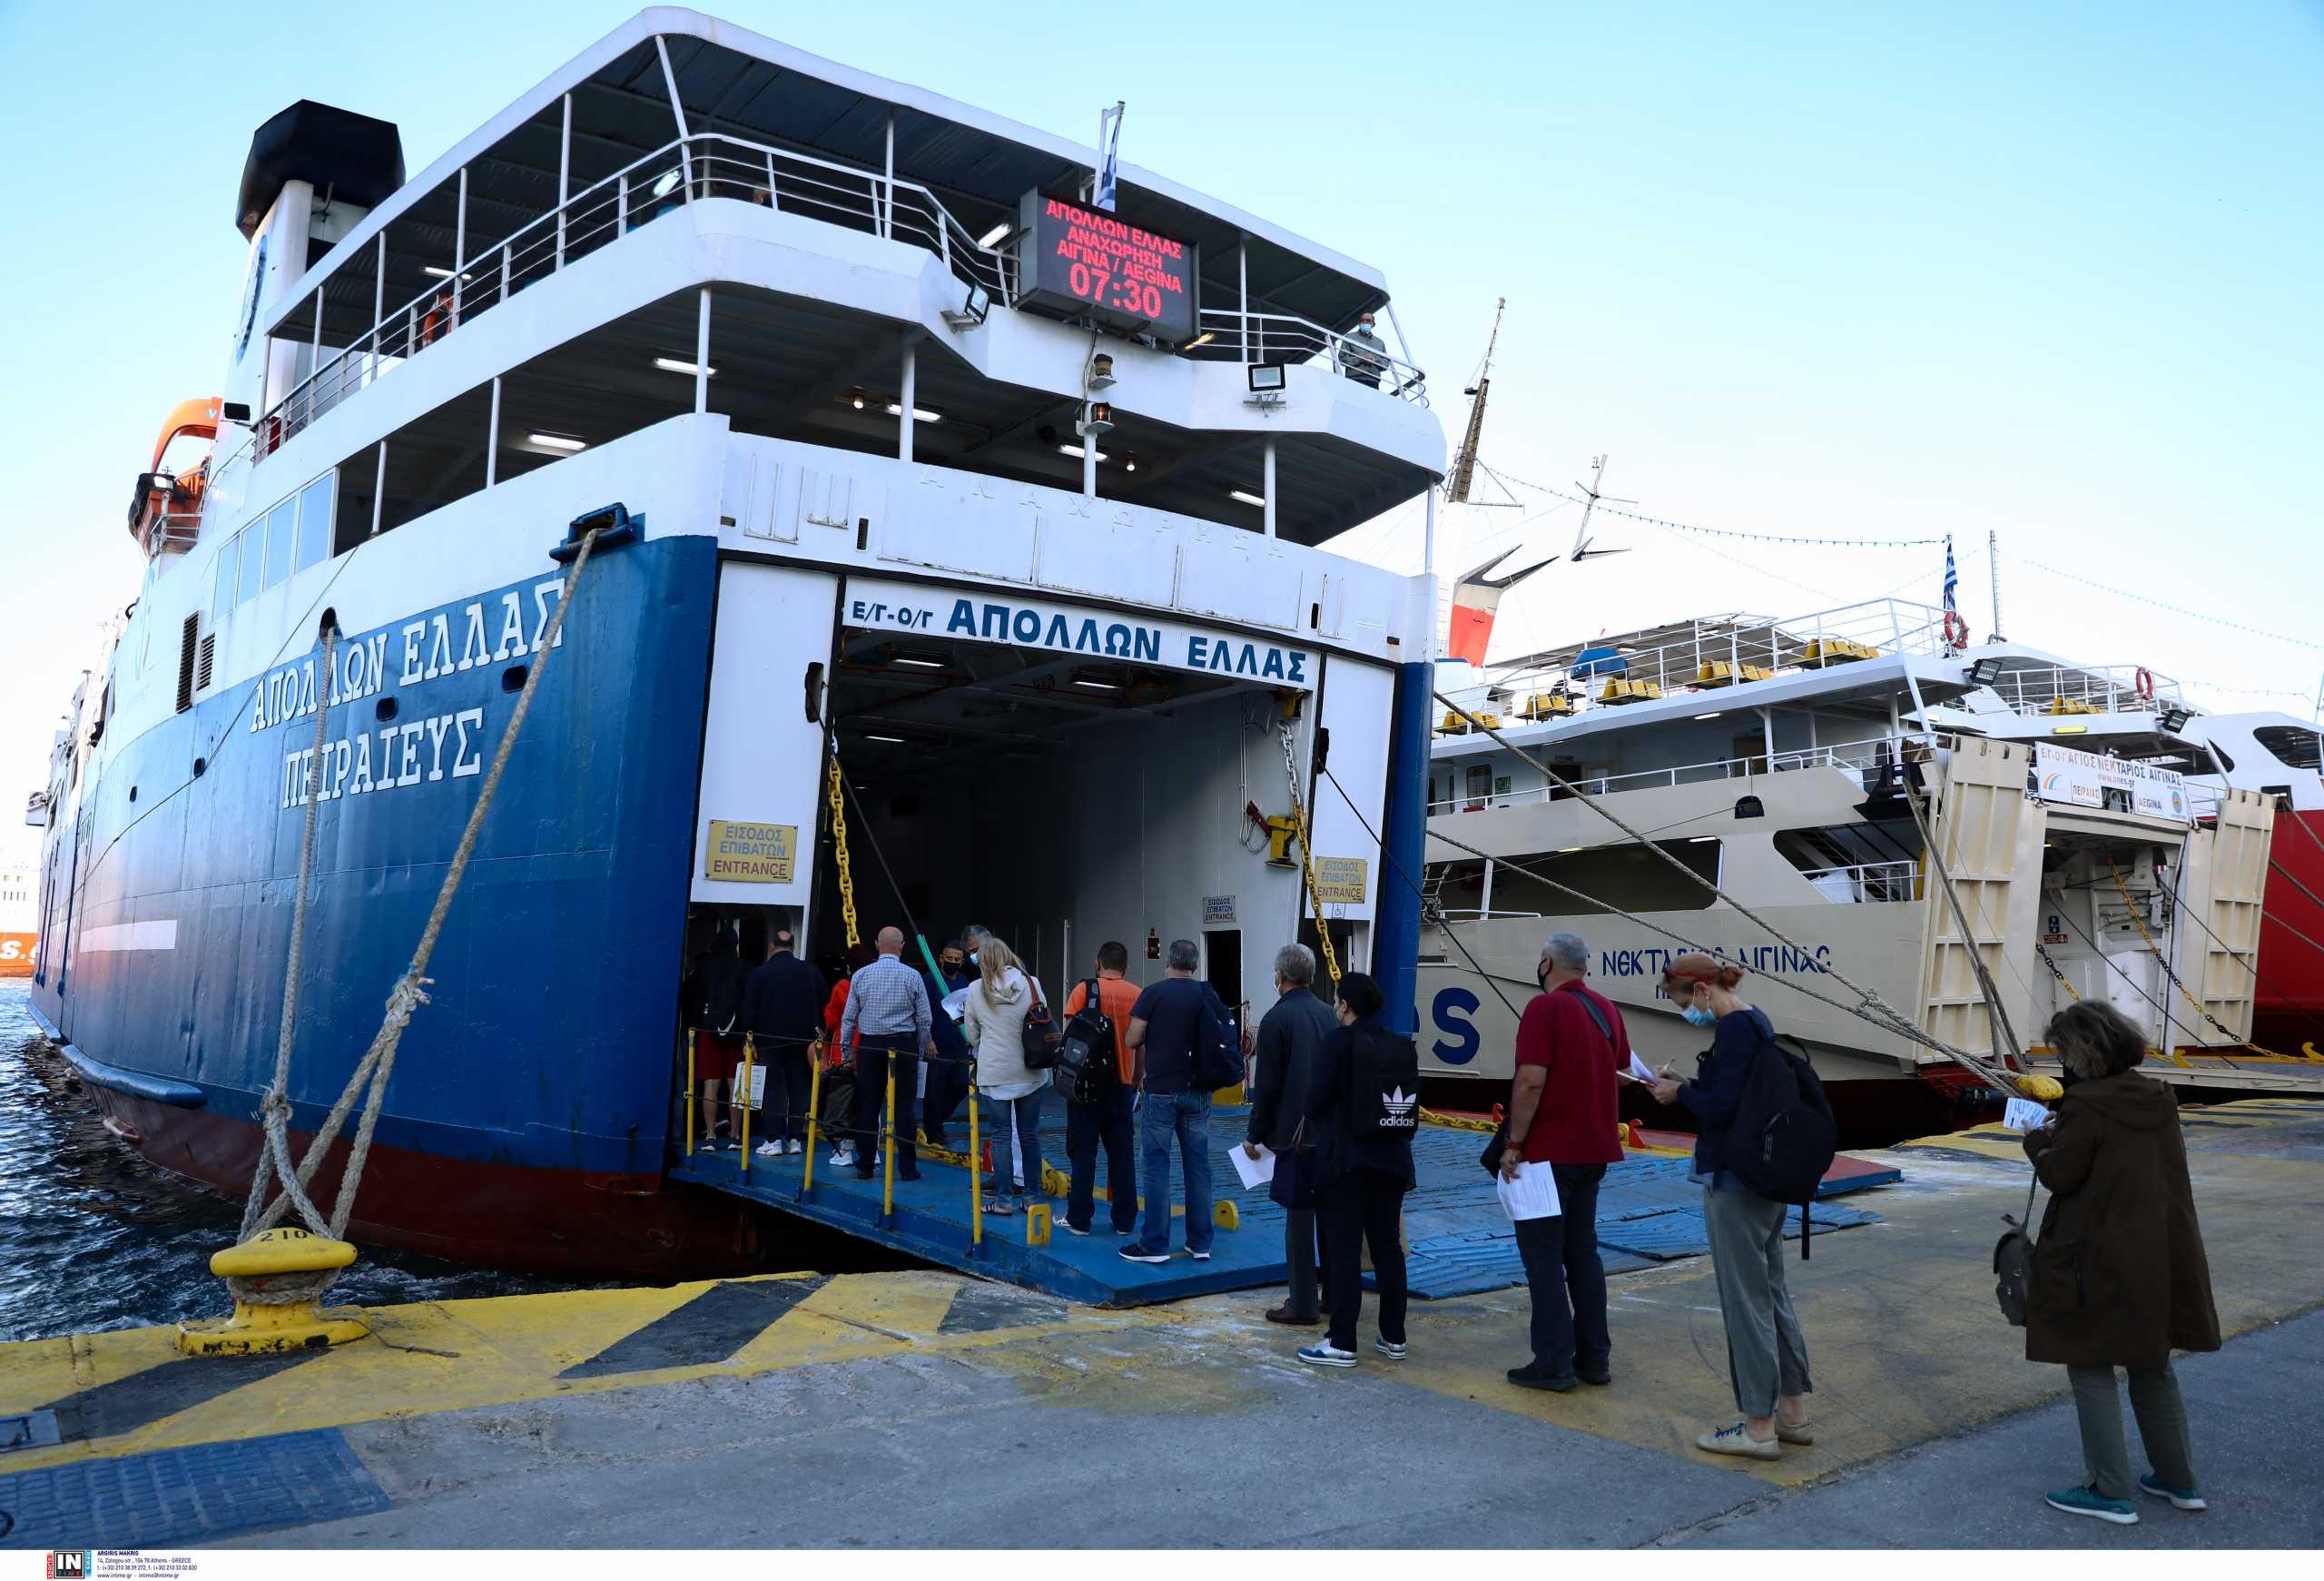 Αυξημένη κίνηση στο λιμάνι του Πειραιά: Με βεβαιώσεις στα χέρια ξεκινούν οι πολίτες για τα νησιά (pics, vid)